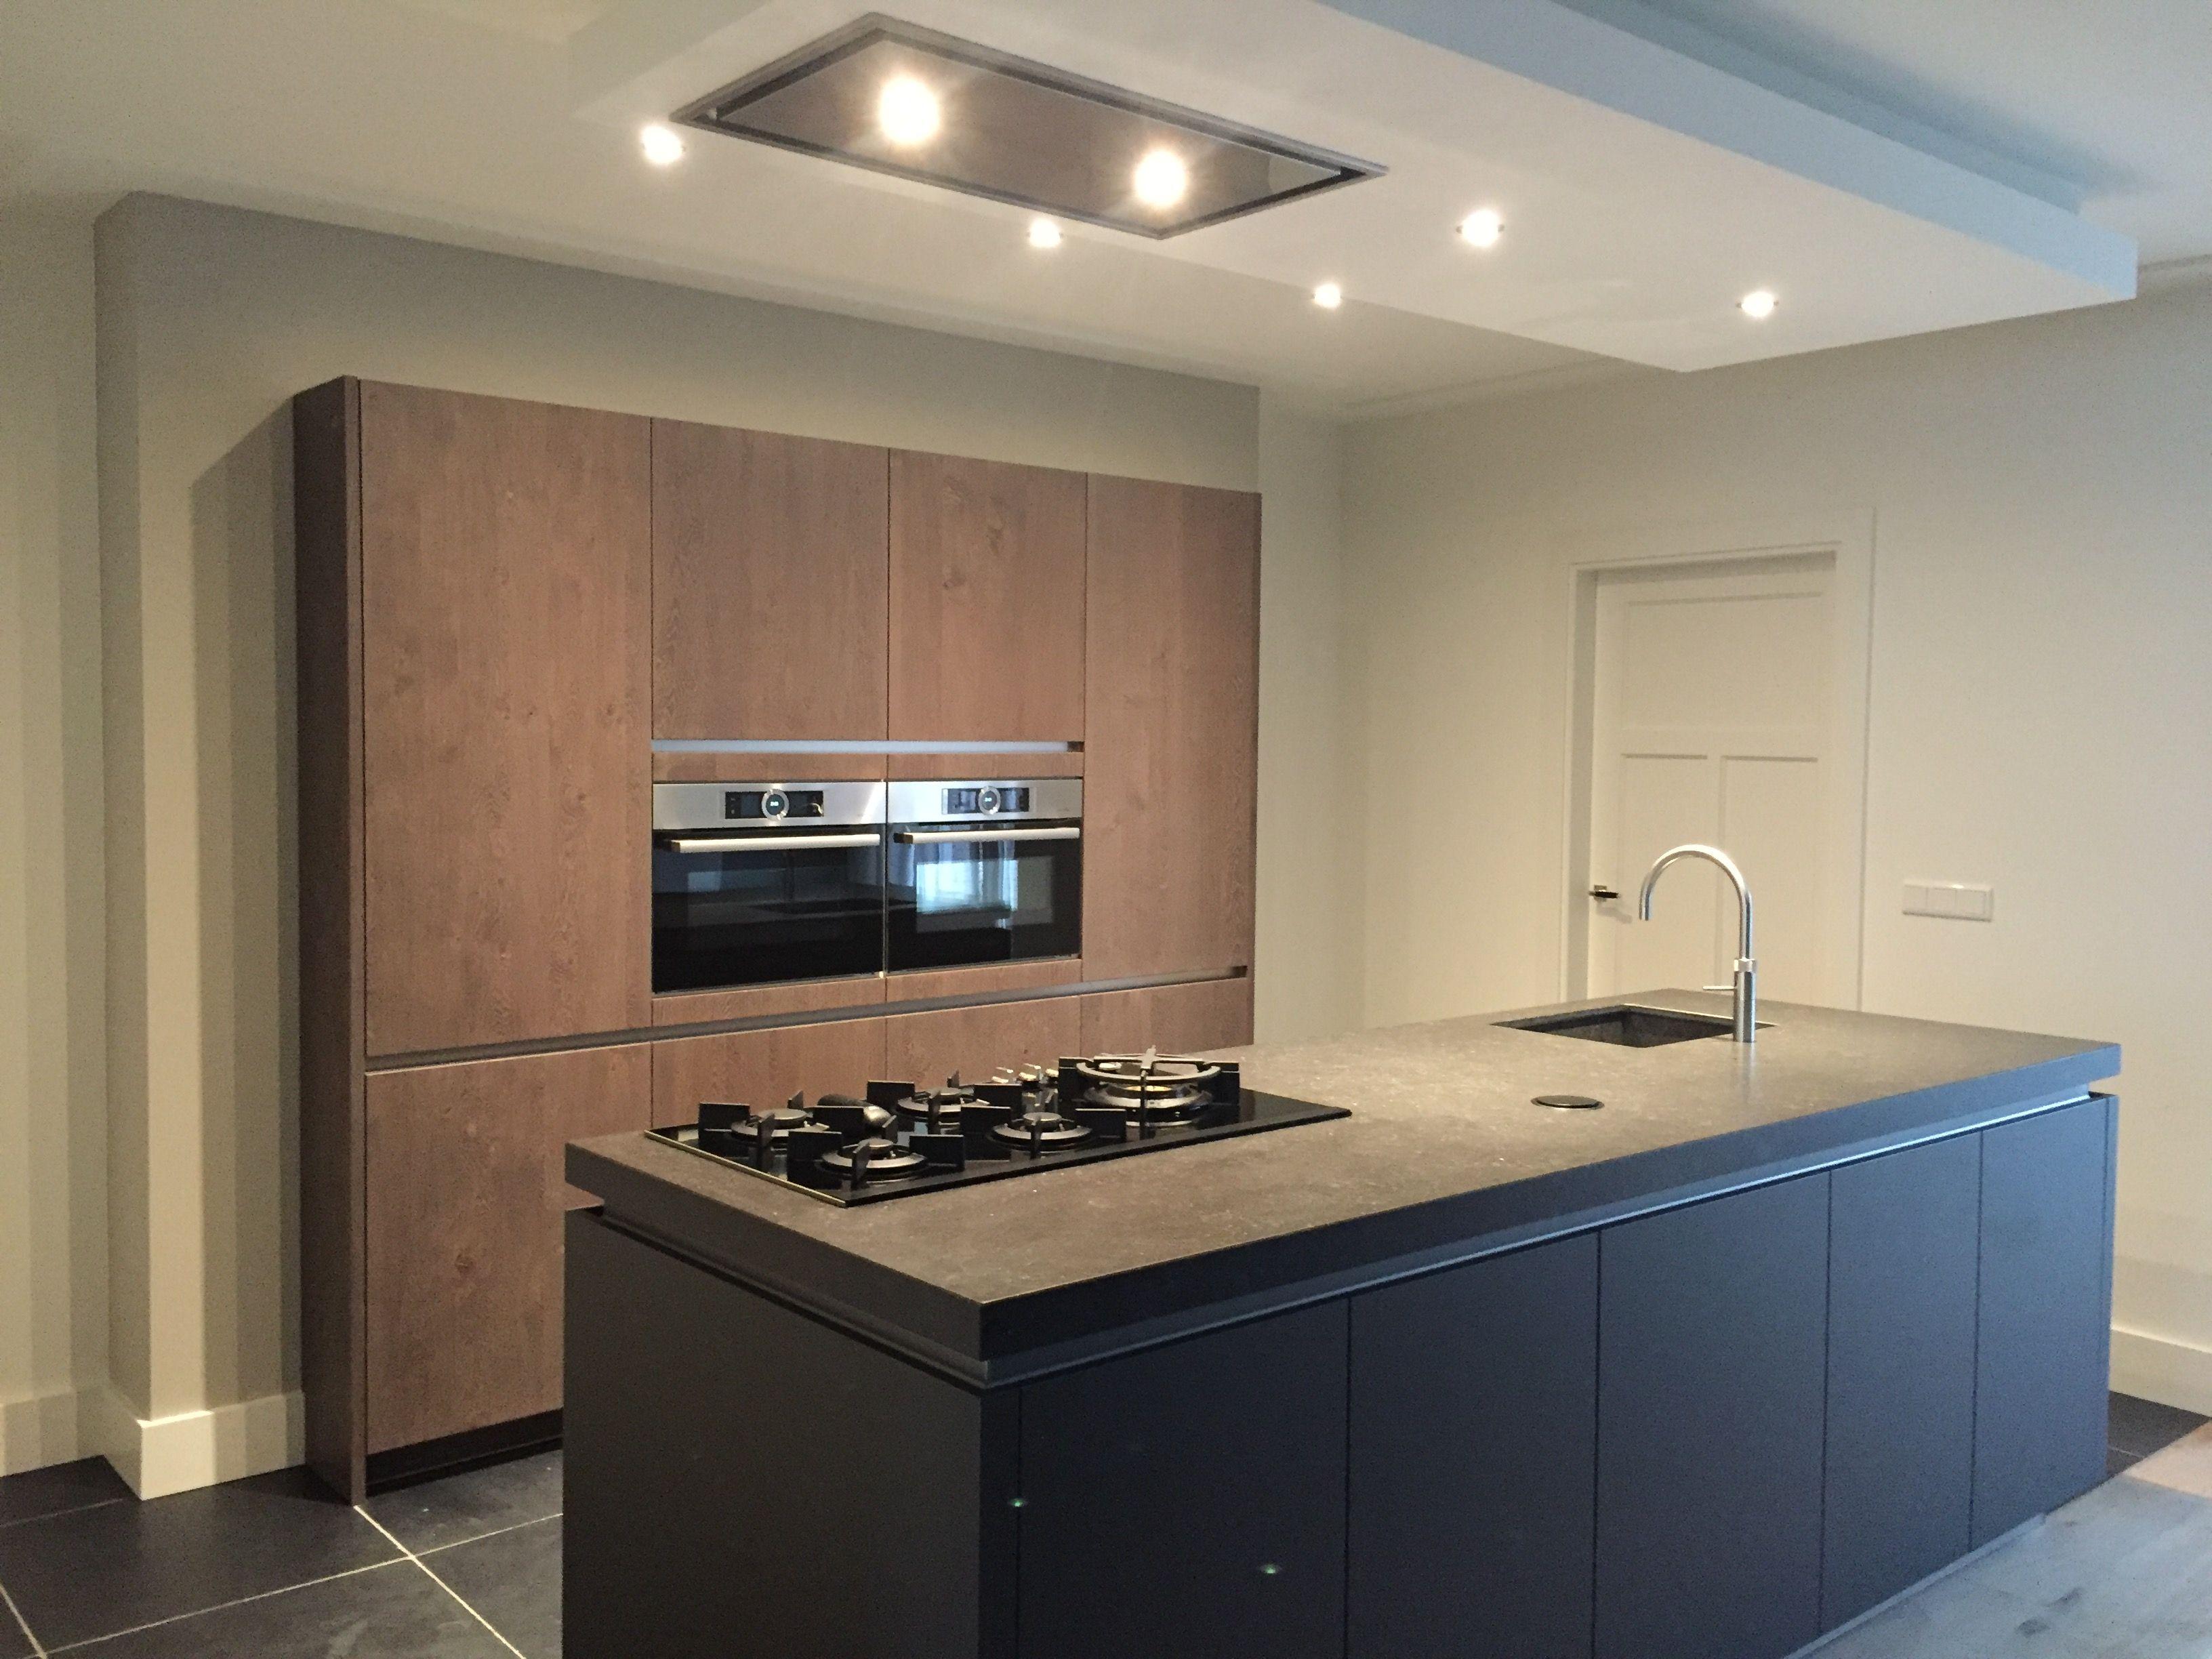 Moderne keuken kookeiland keuken met hout meer